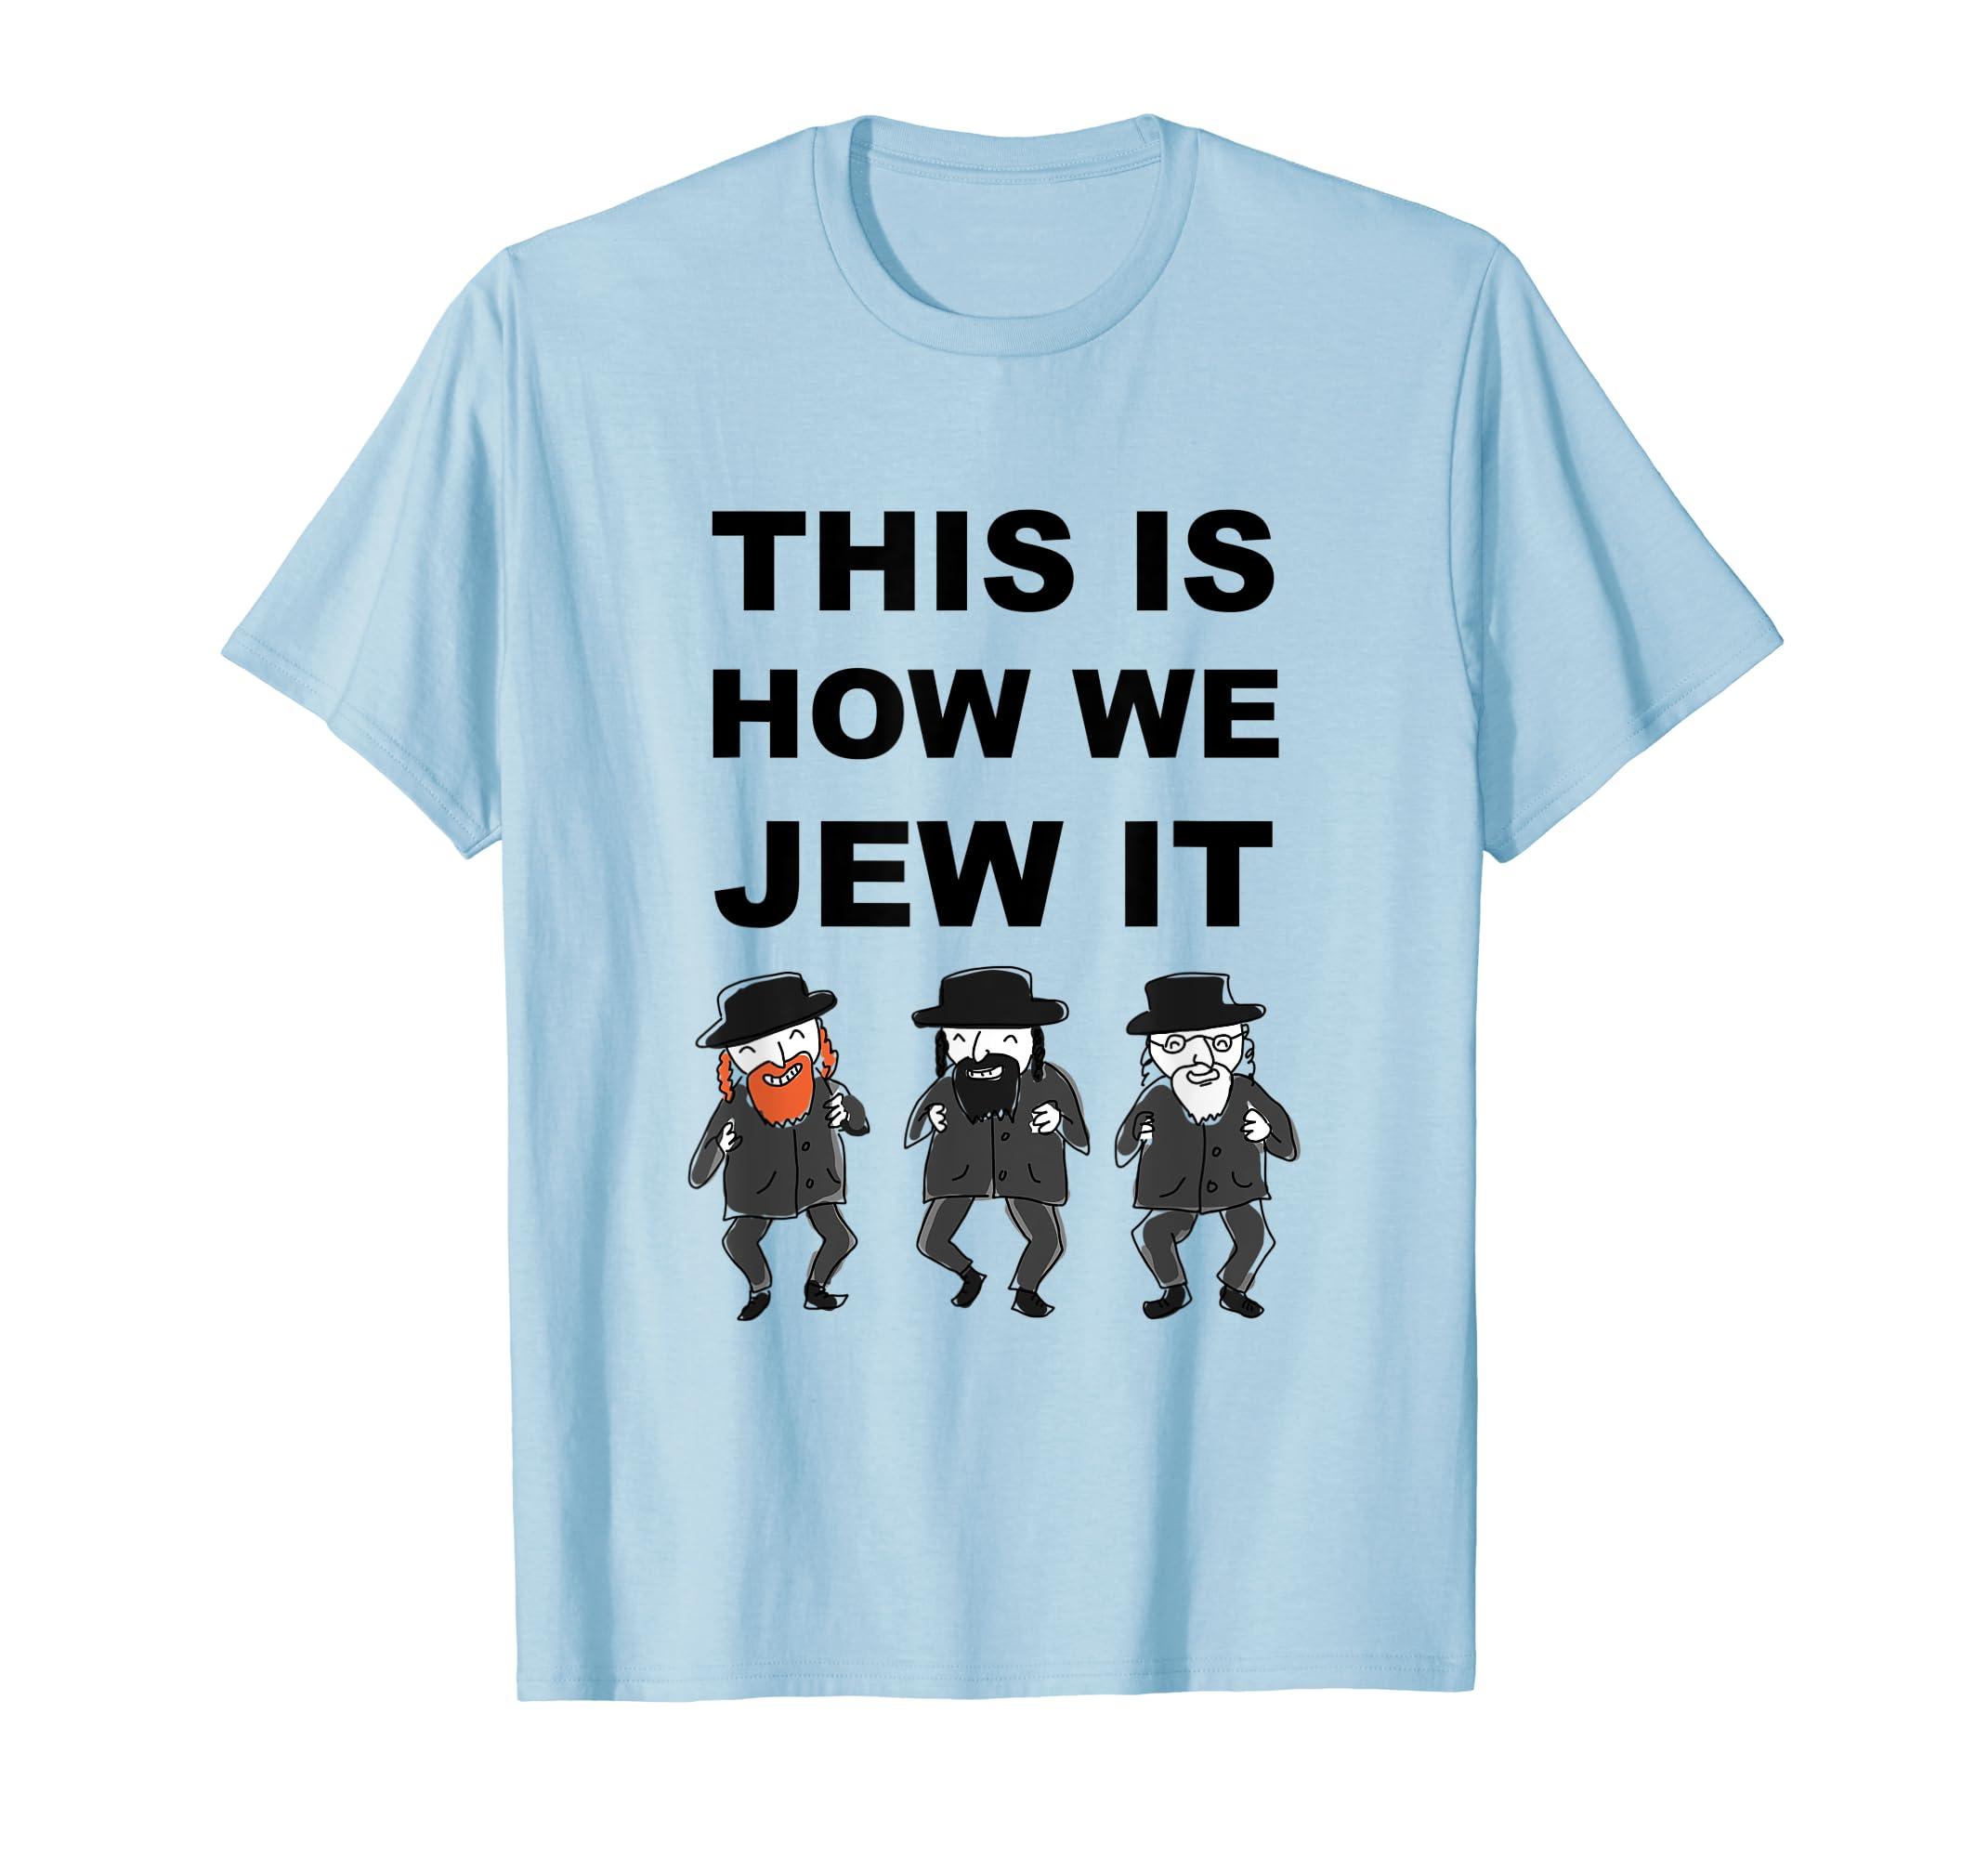 eb93fbc0 Amazon.com: Funny Jewish Shirt   Hanukkah Shirt   Hebrew Shirt: Clothing